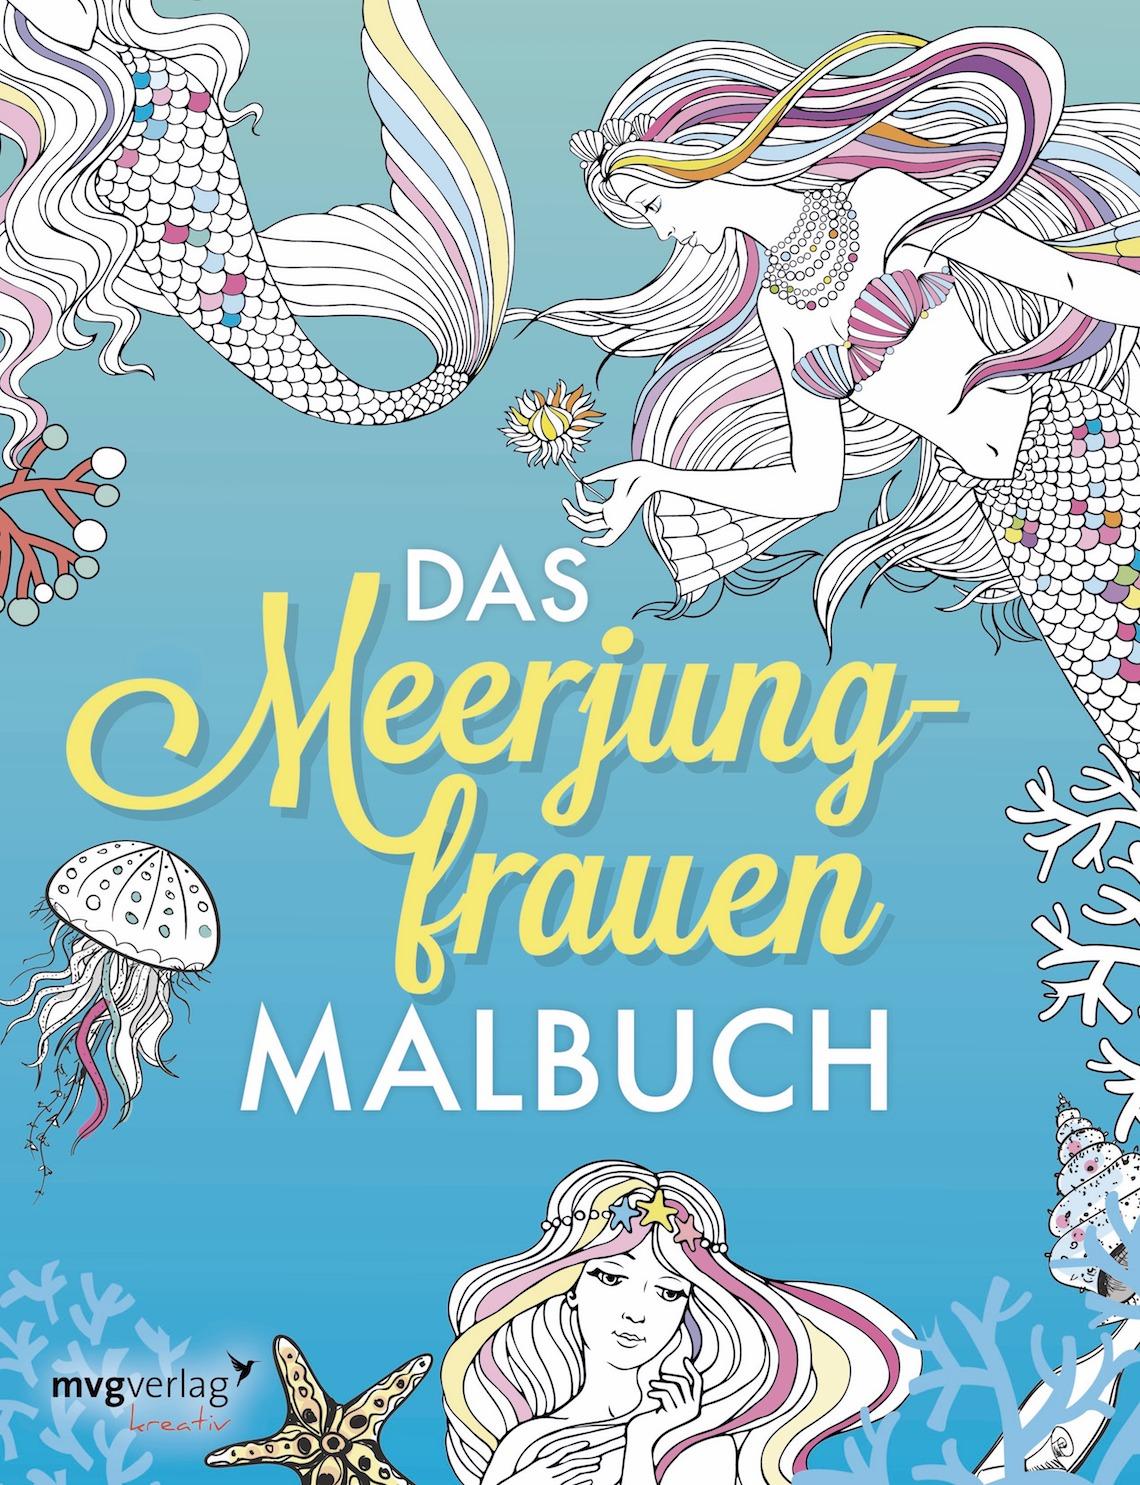 Mädelsschnack l Meerjungfrauen-Malbuch